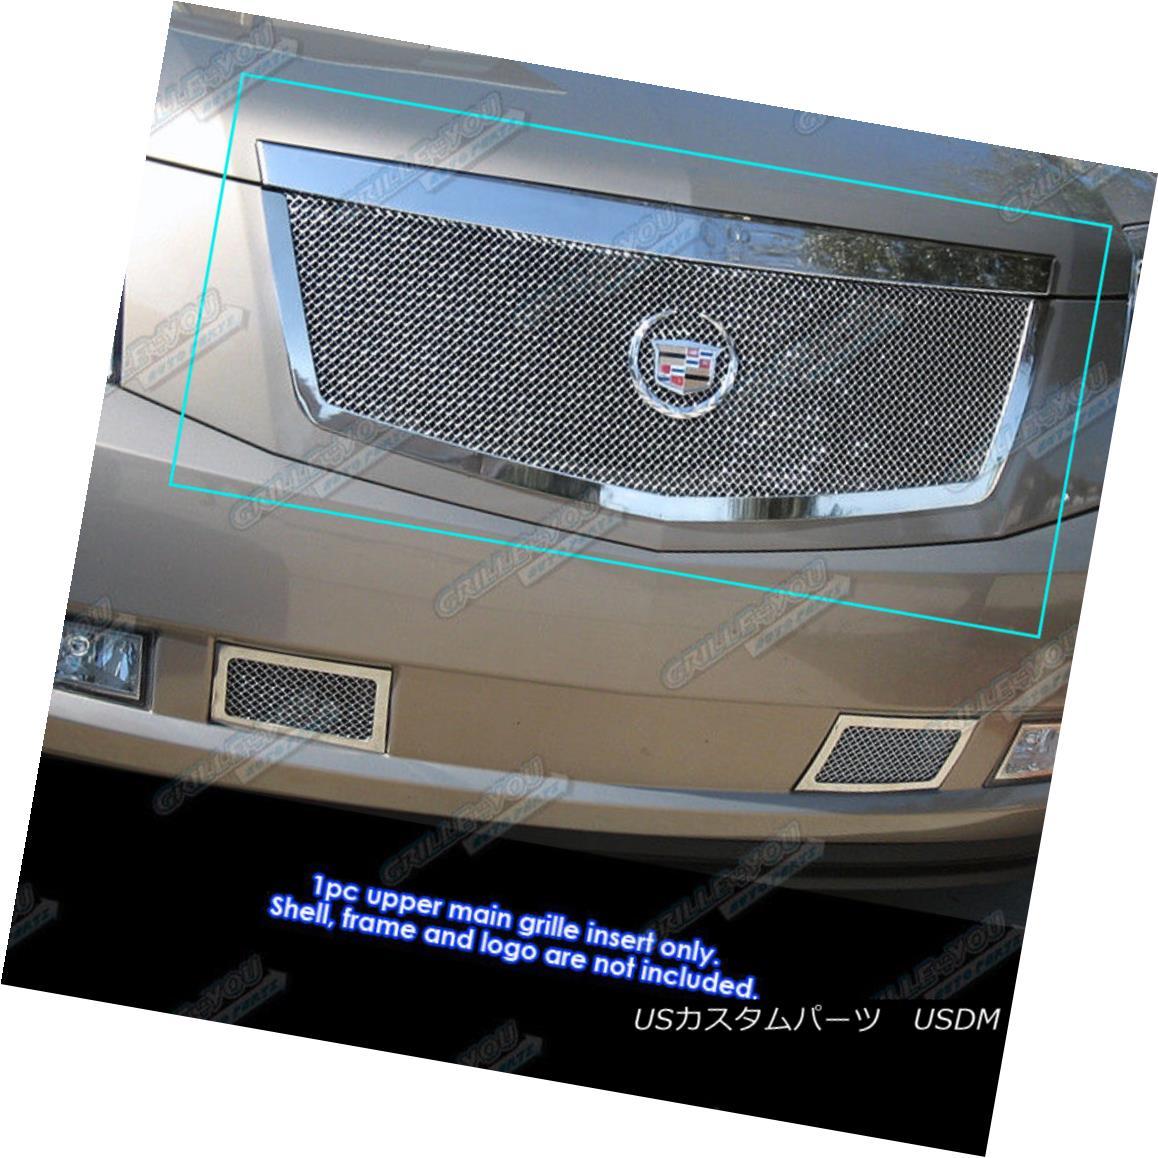 グリル Fits 2007-2014 Cadillac Escalade Stainless Steel Mesh Grille Grill Insert フィット2007-2014キャデラックエスカレードステンレスメッシュグリルグリルインサート